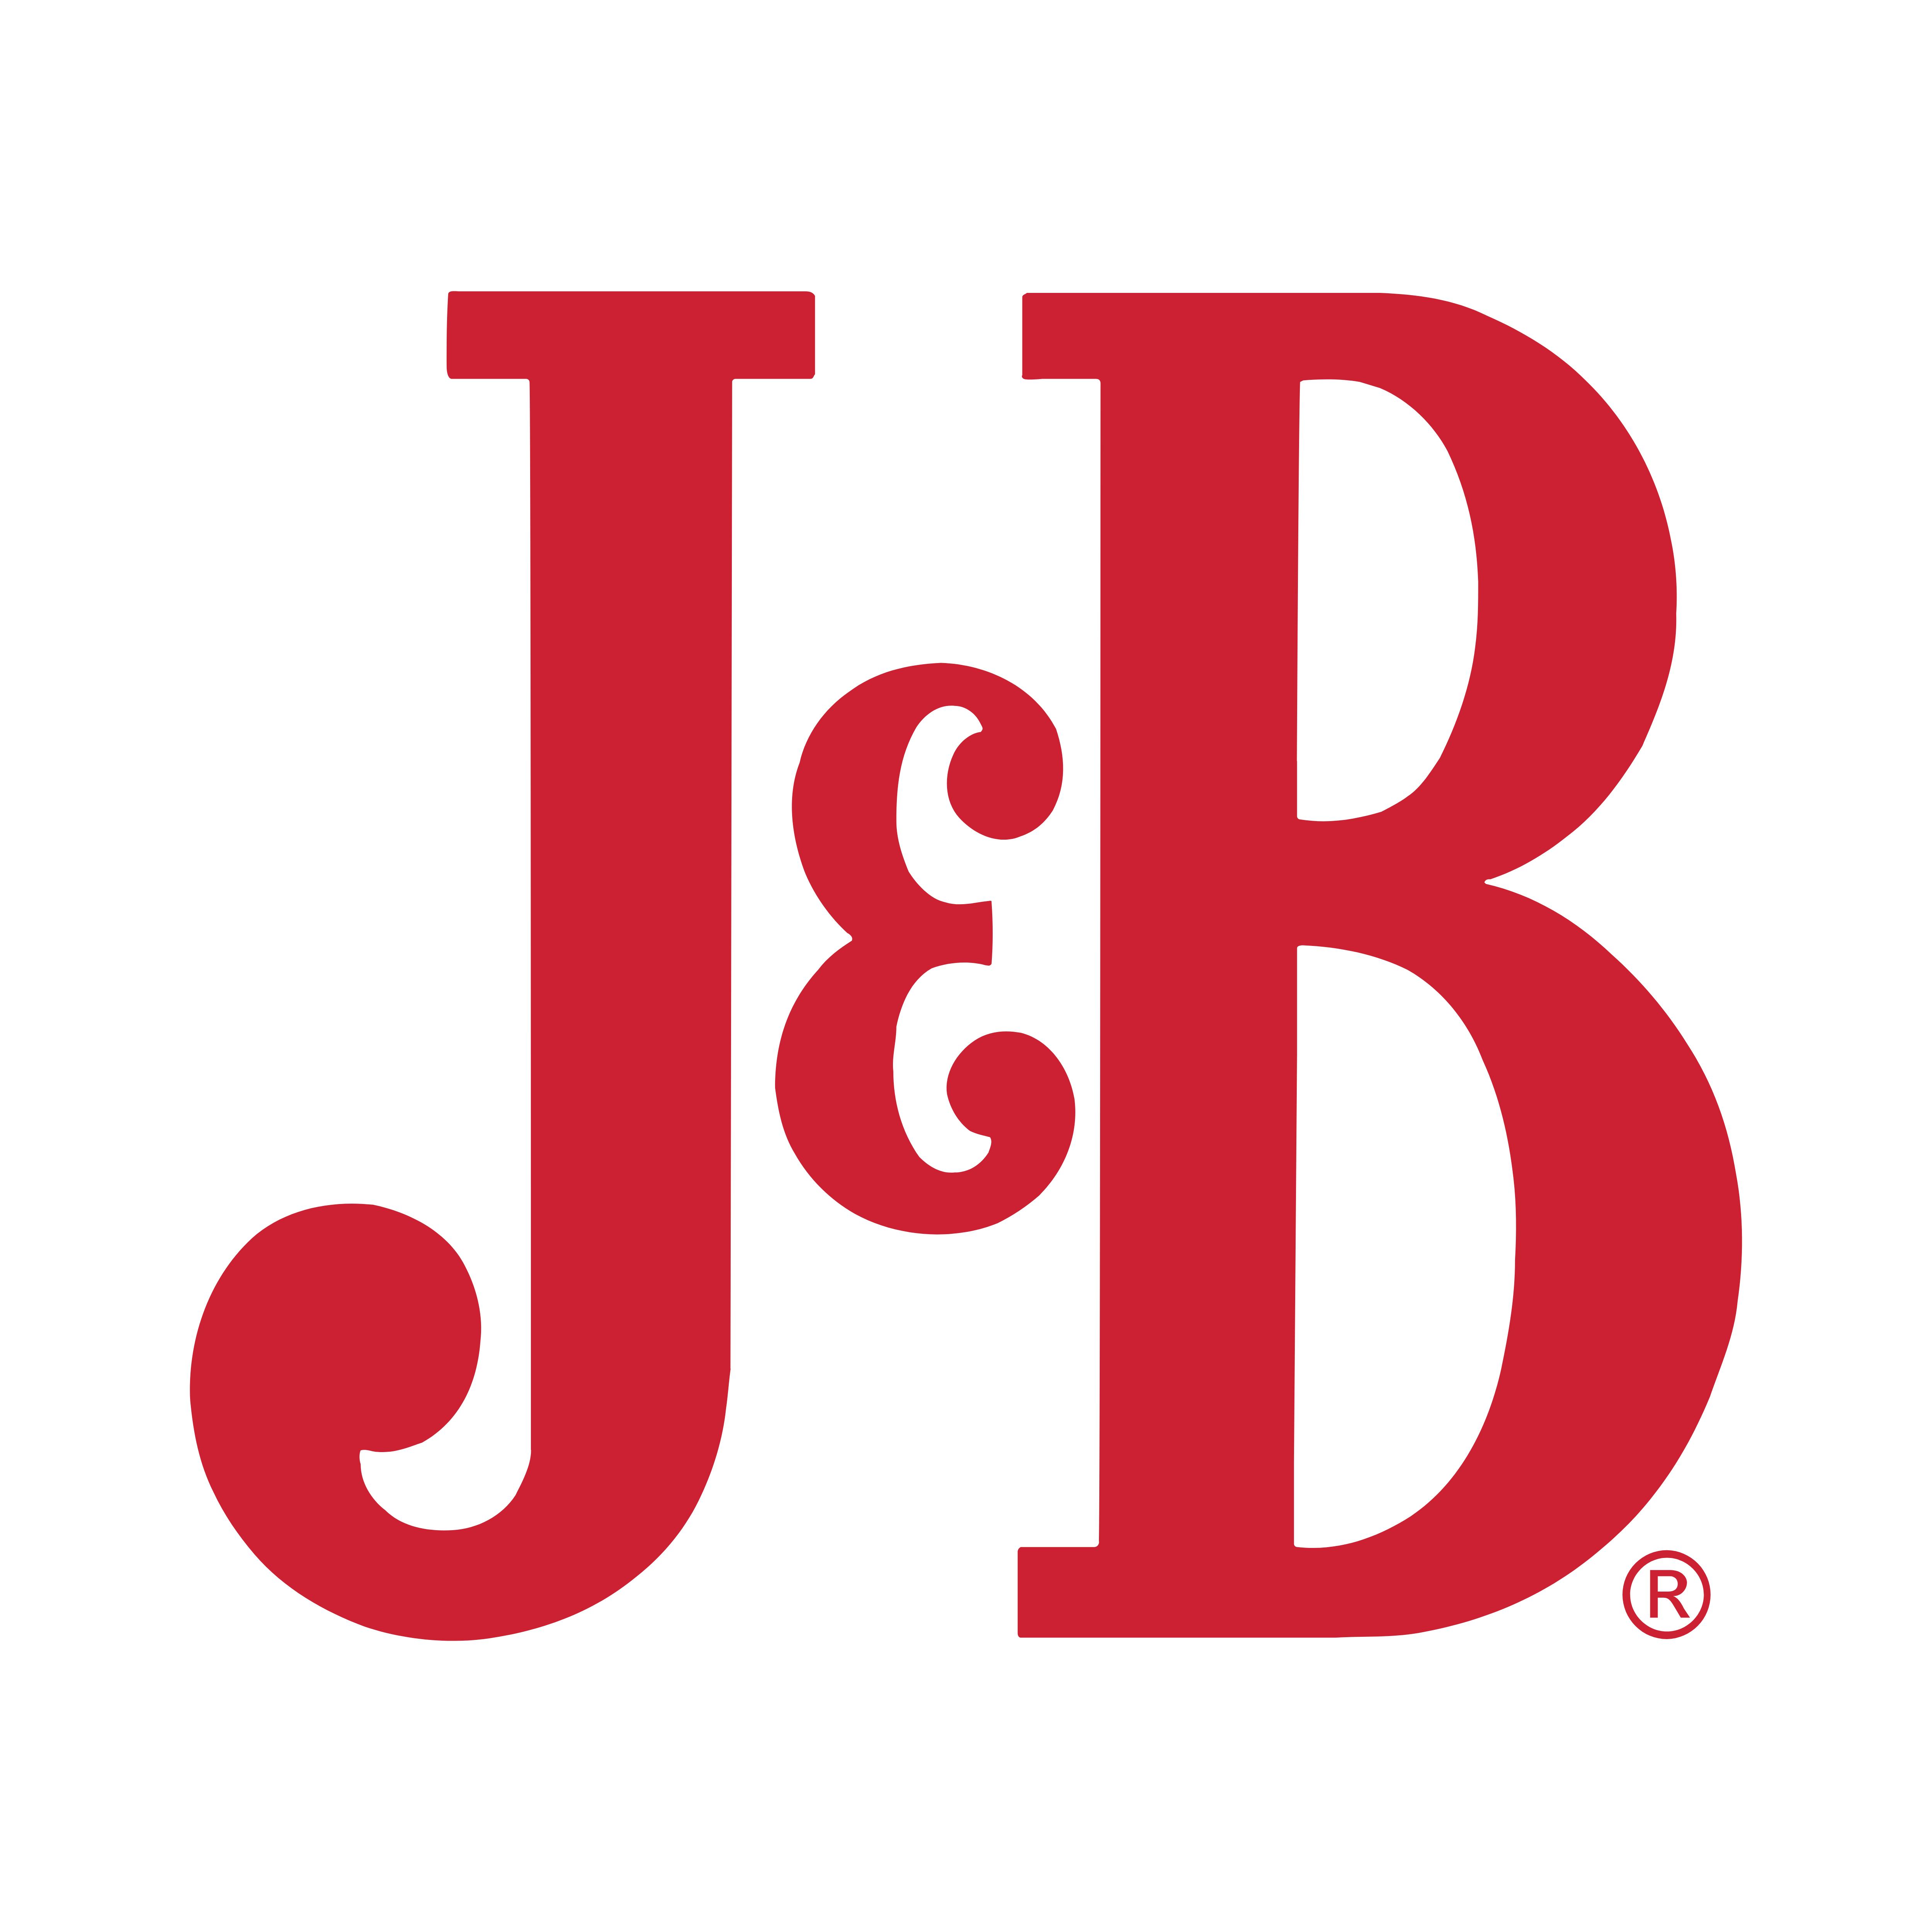 J b logos download for Logo b b